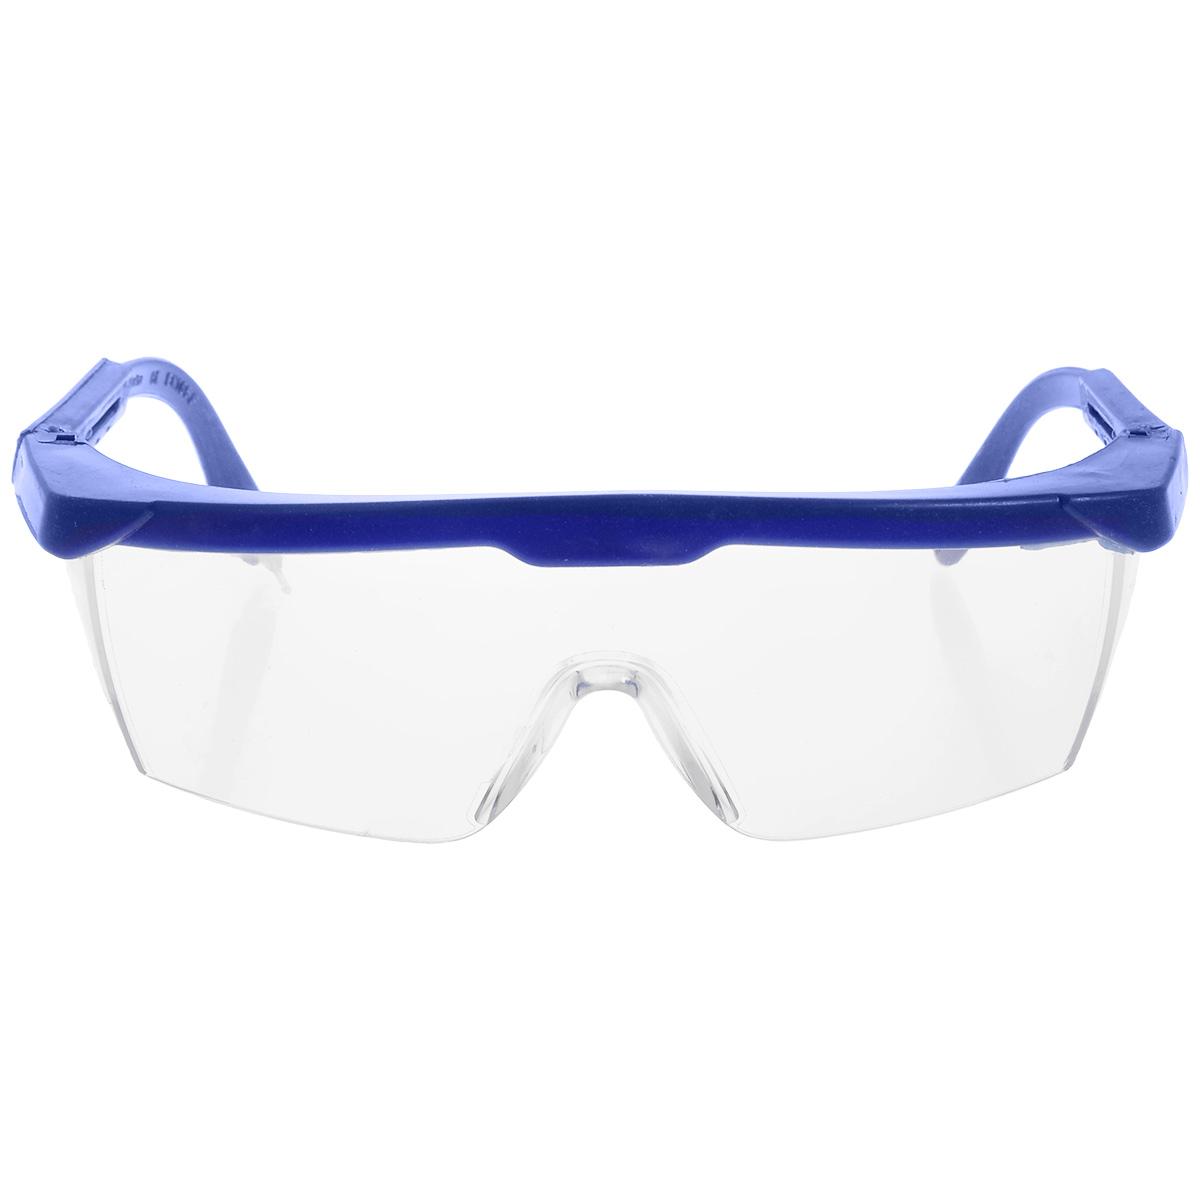 цена на Защитные очки Mioshi Army, для игр с гелевыми шариками